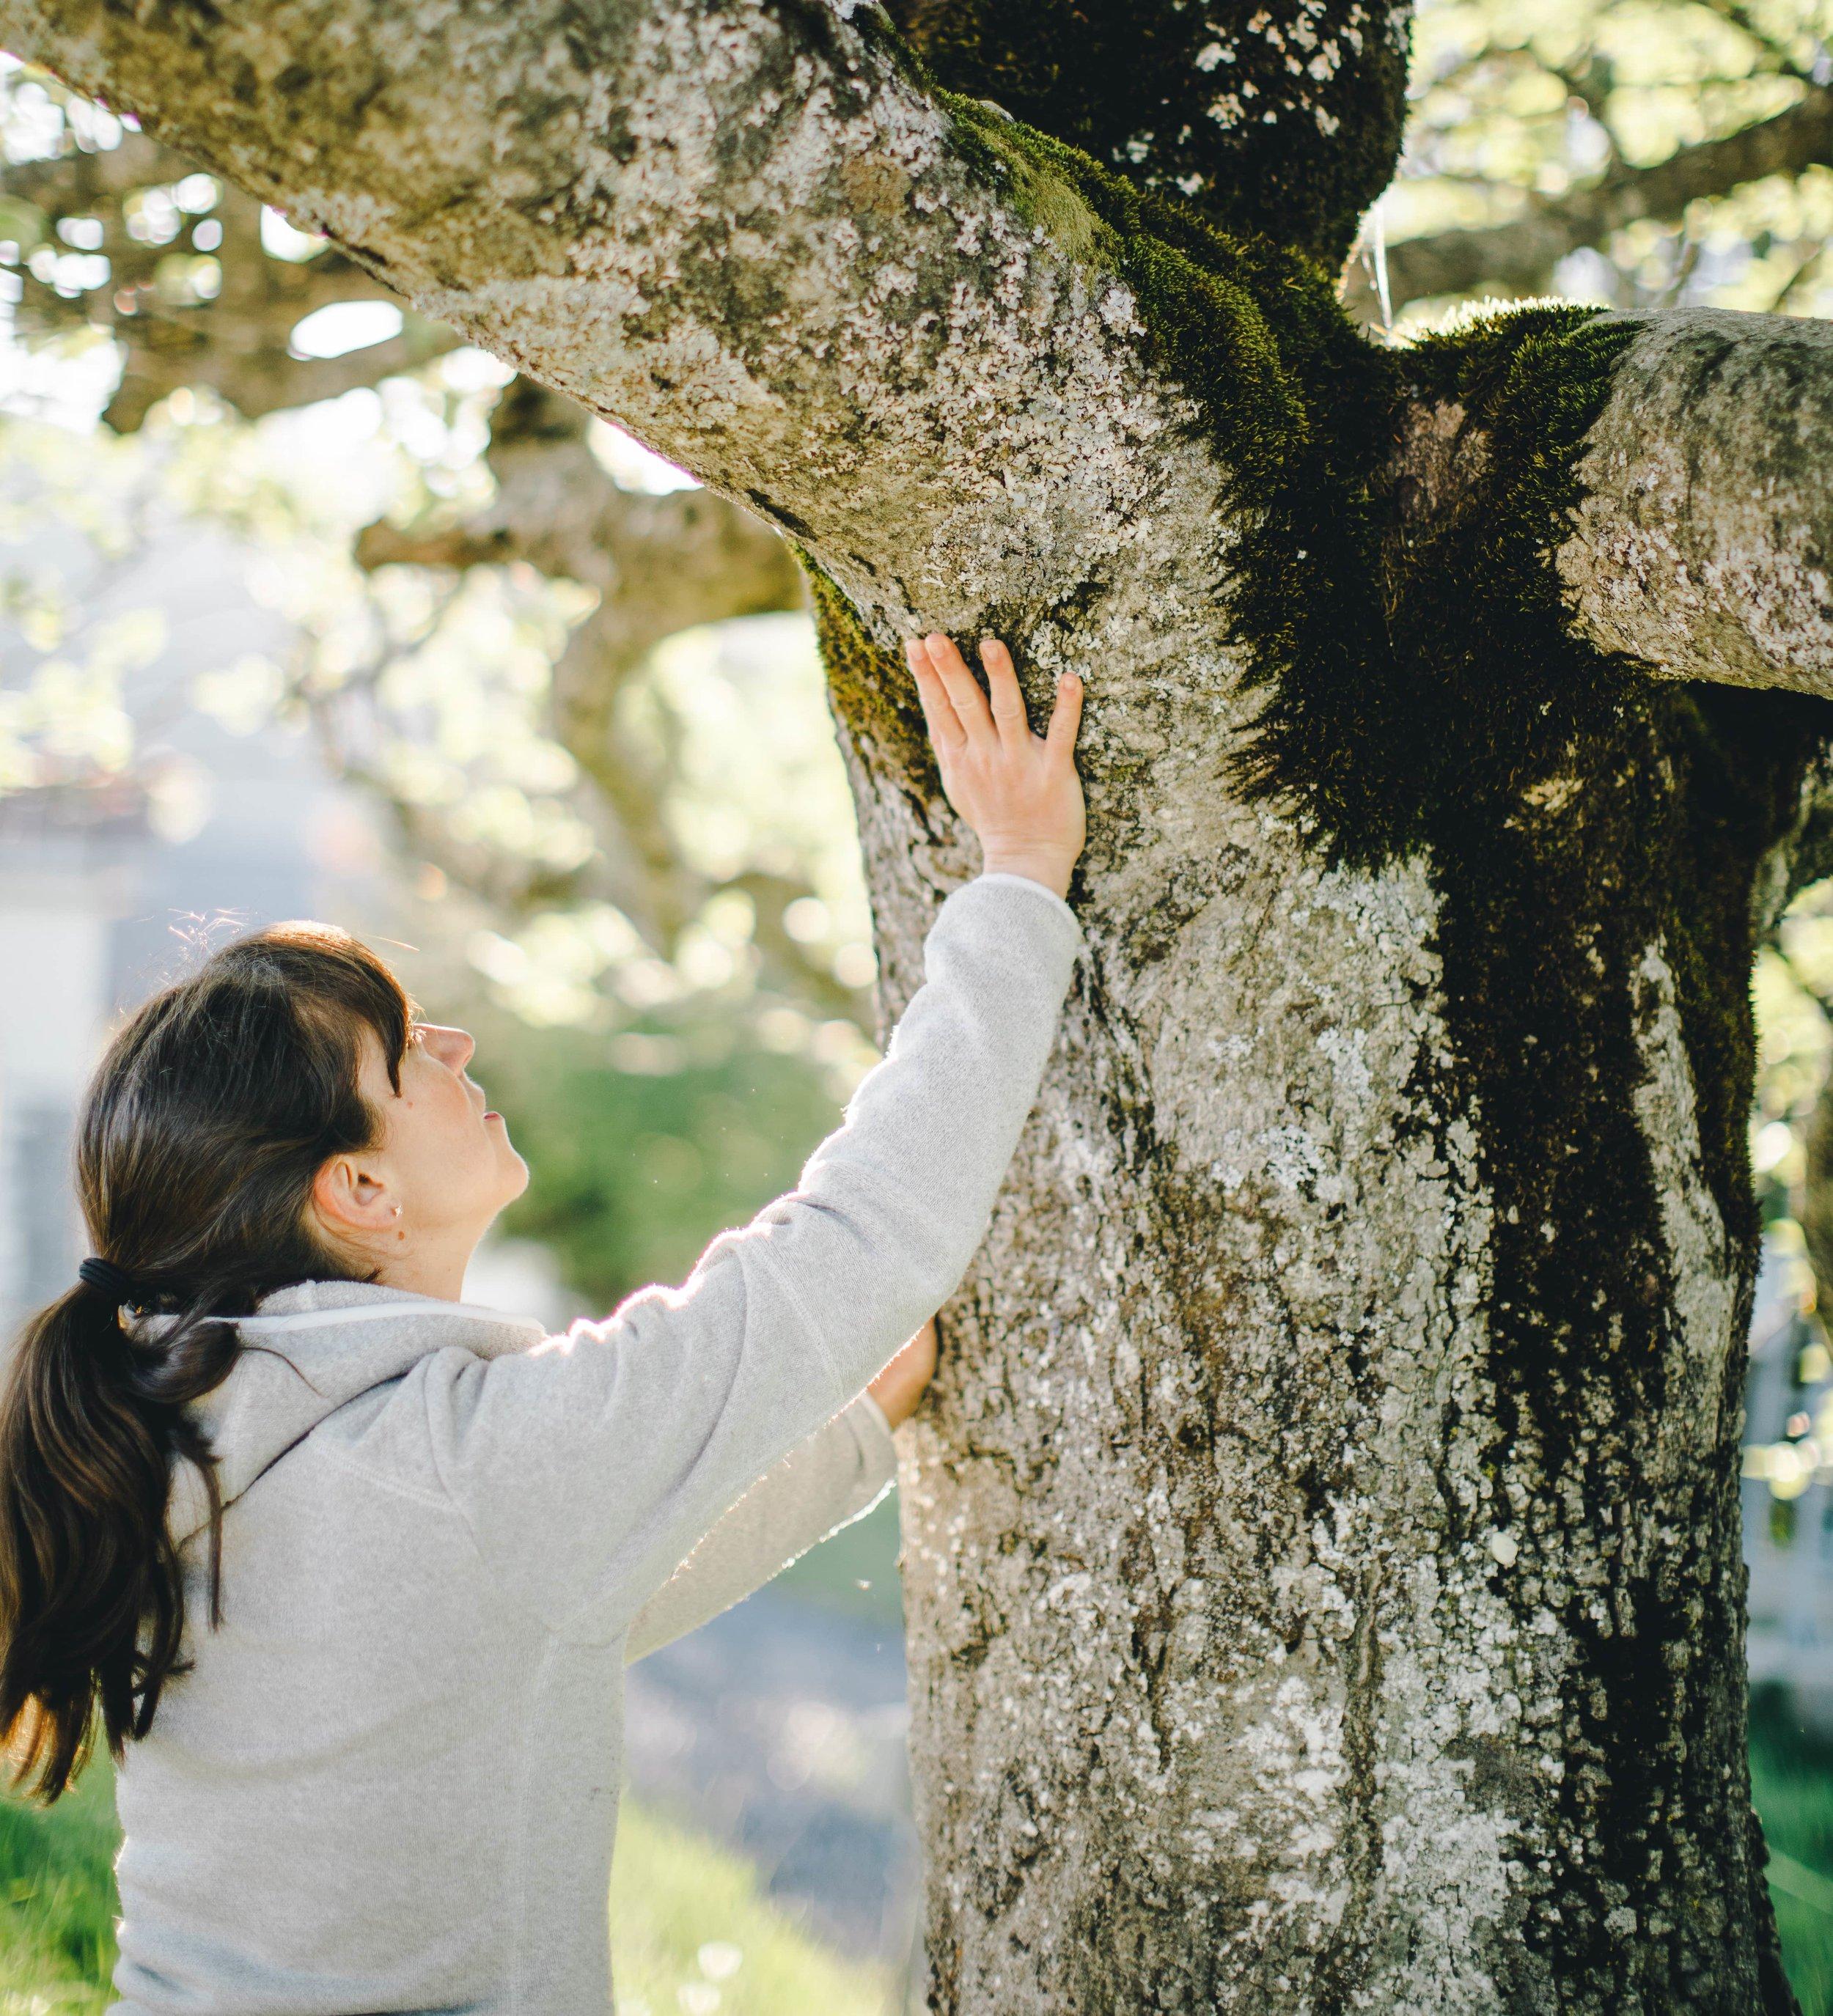 Juni Ritual Bäume-min.jpg